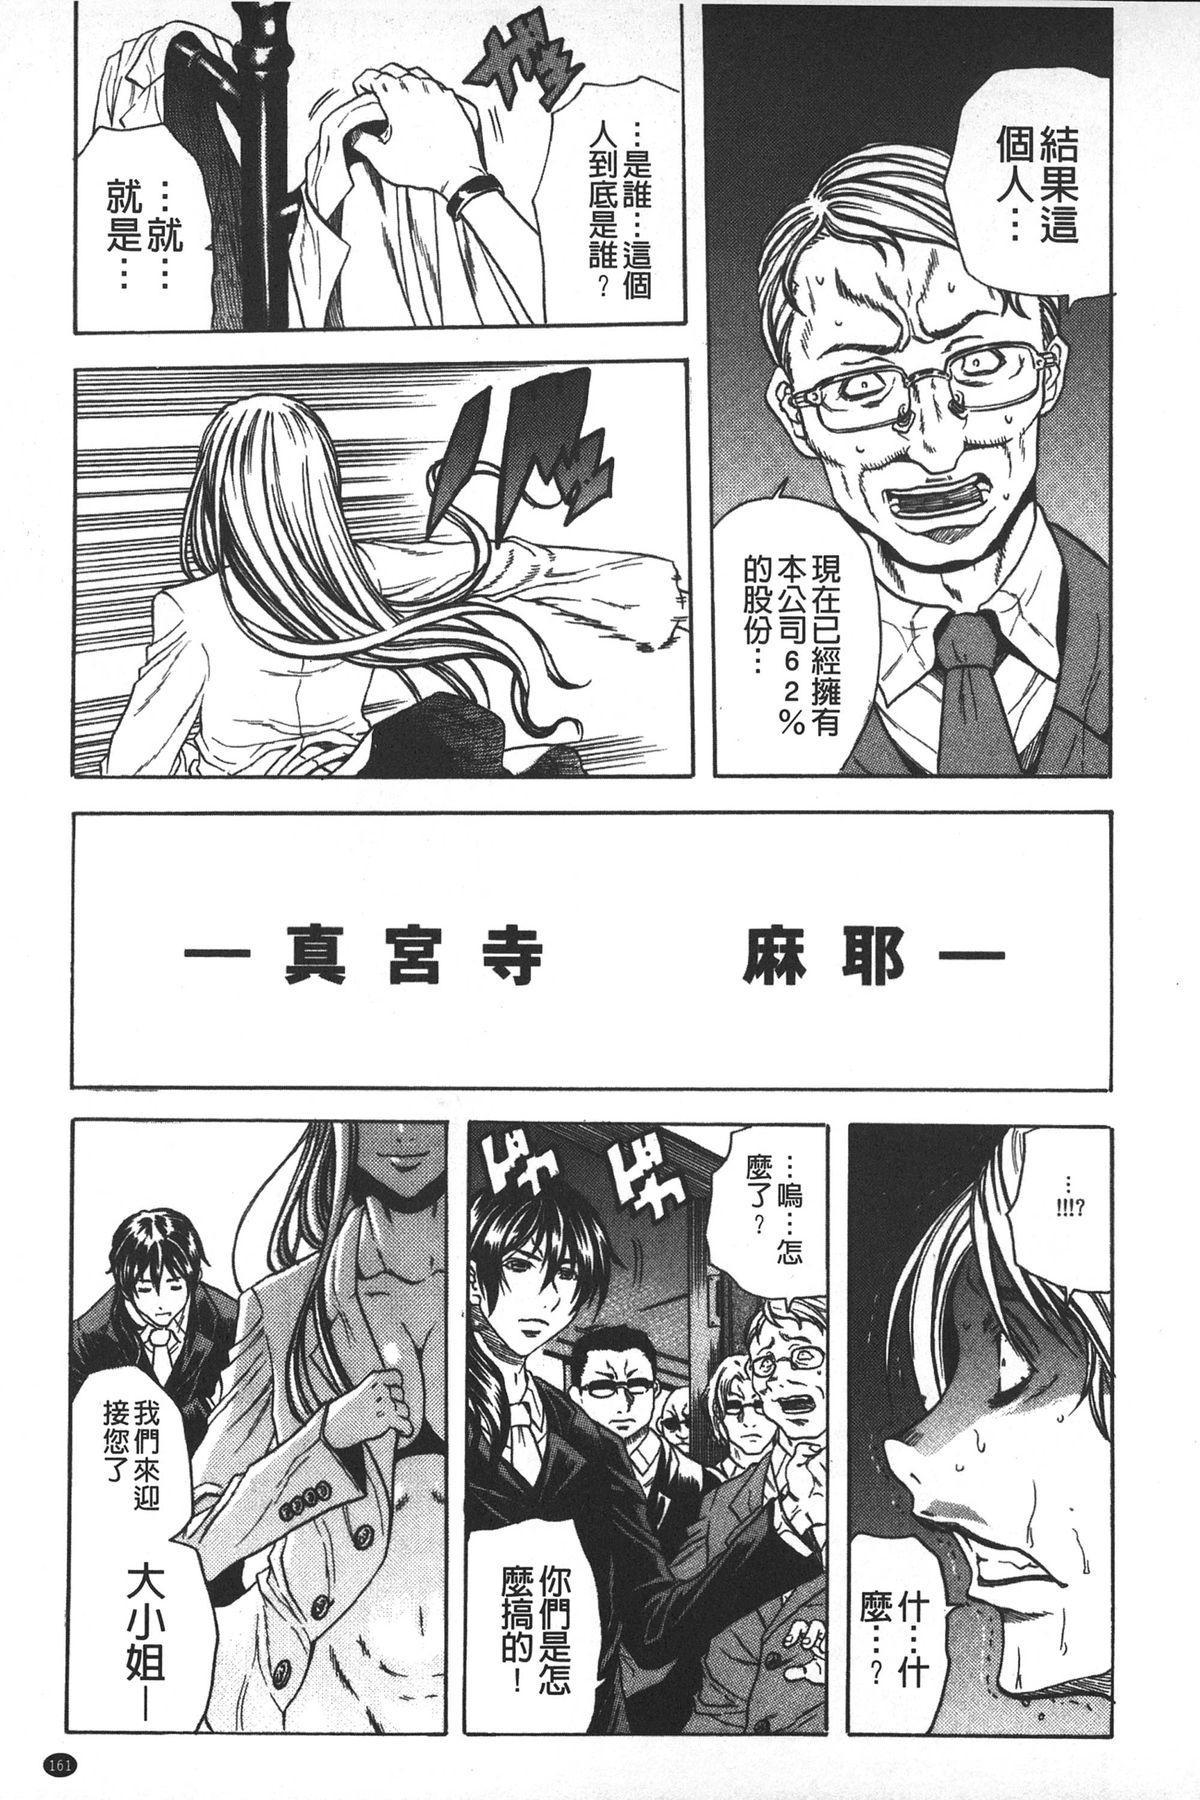 Ryoujoku Kyoushitsu 161